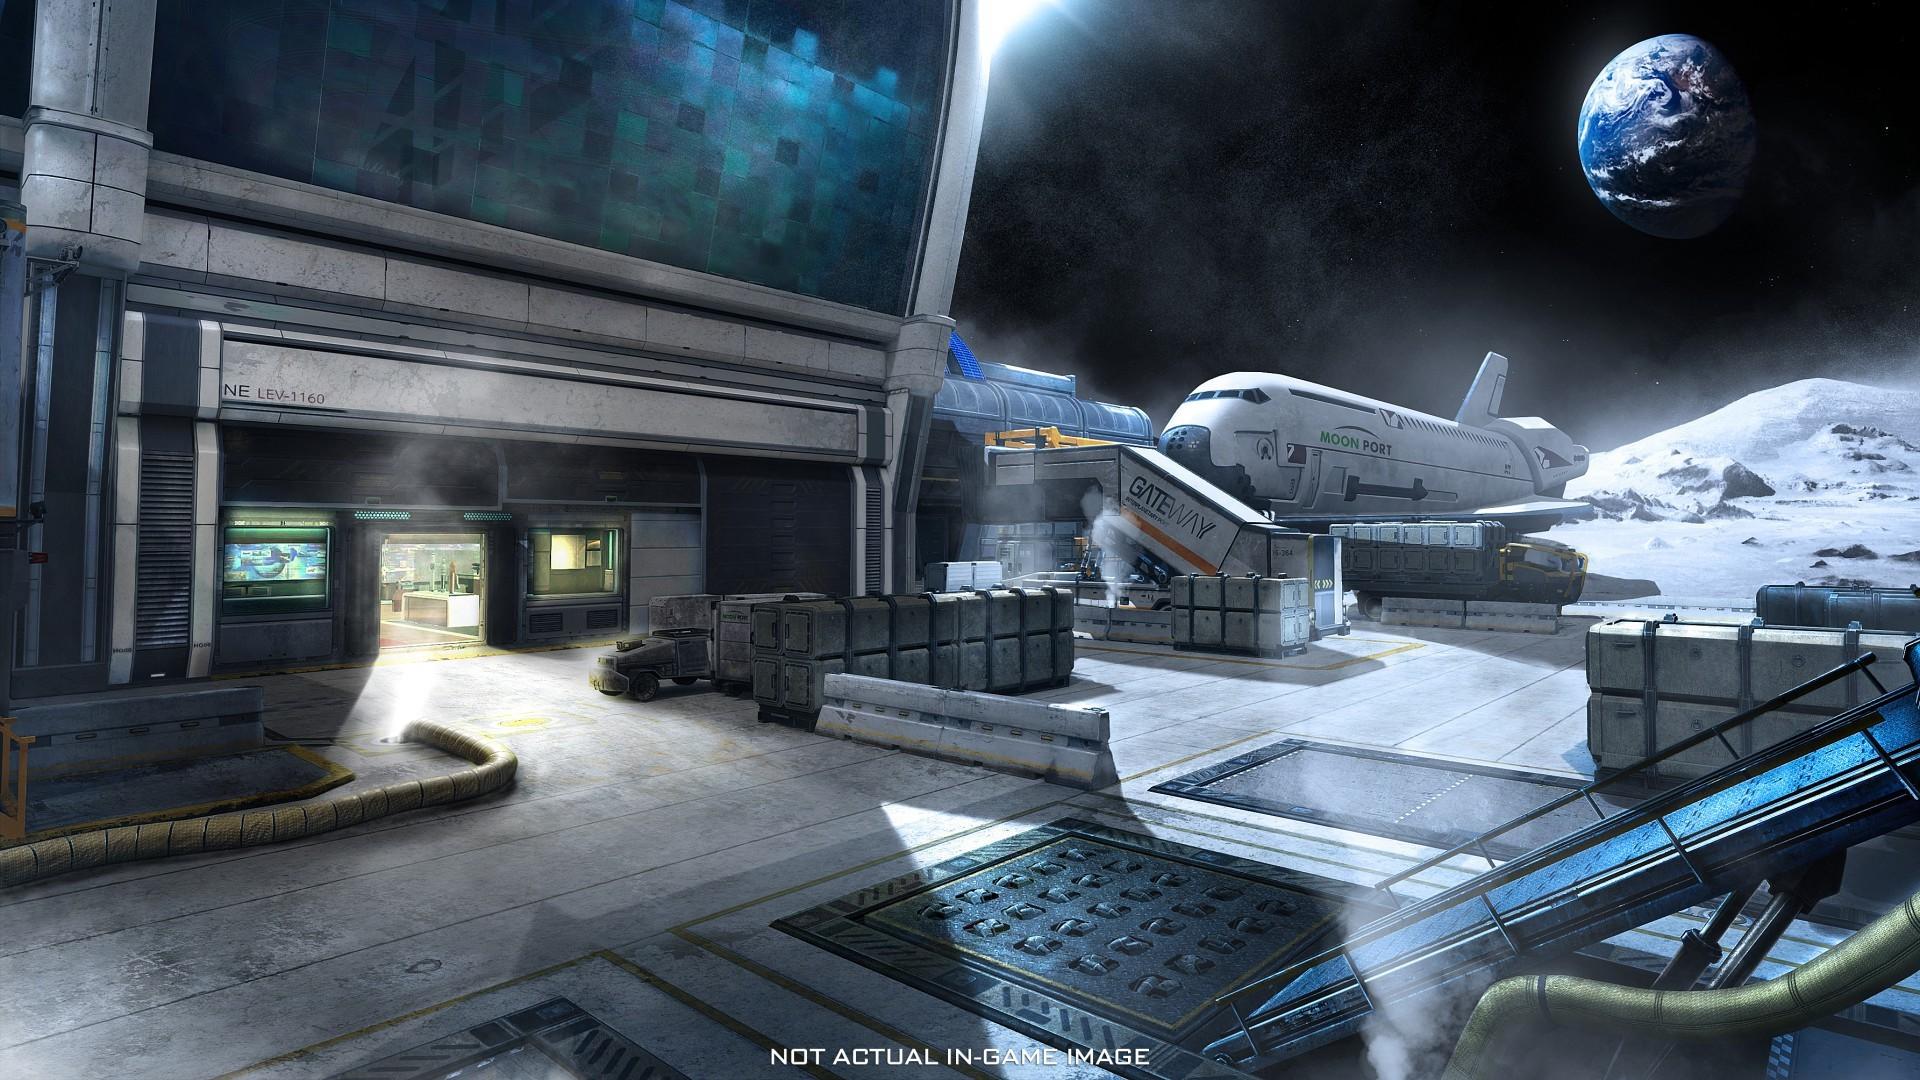 《使命召唤13》重制经典地图航站楼